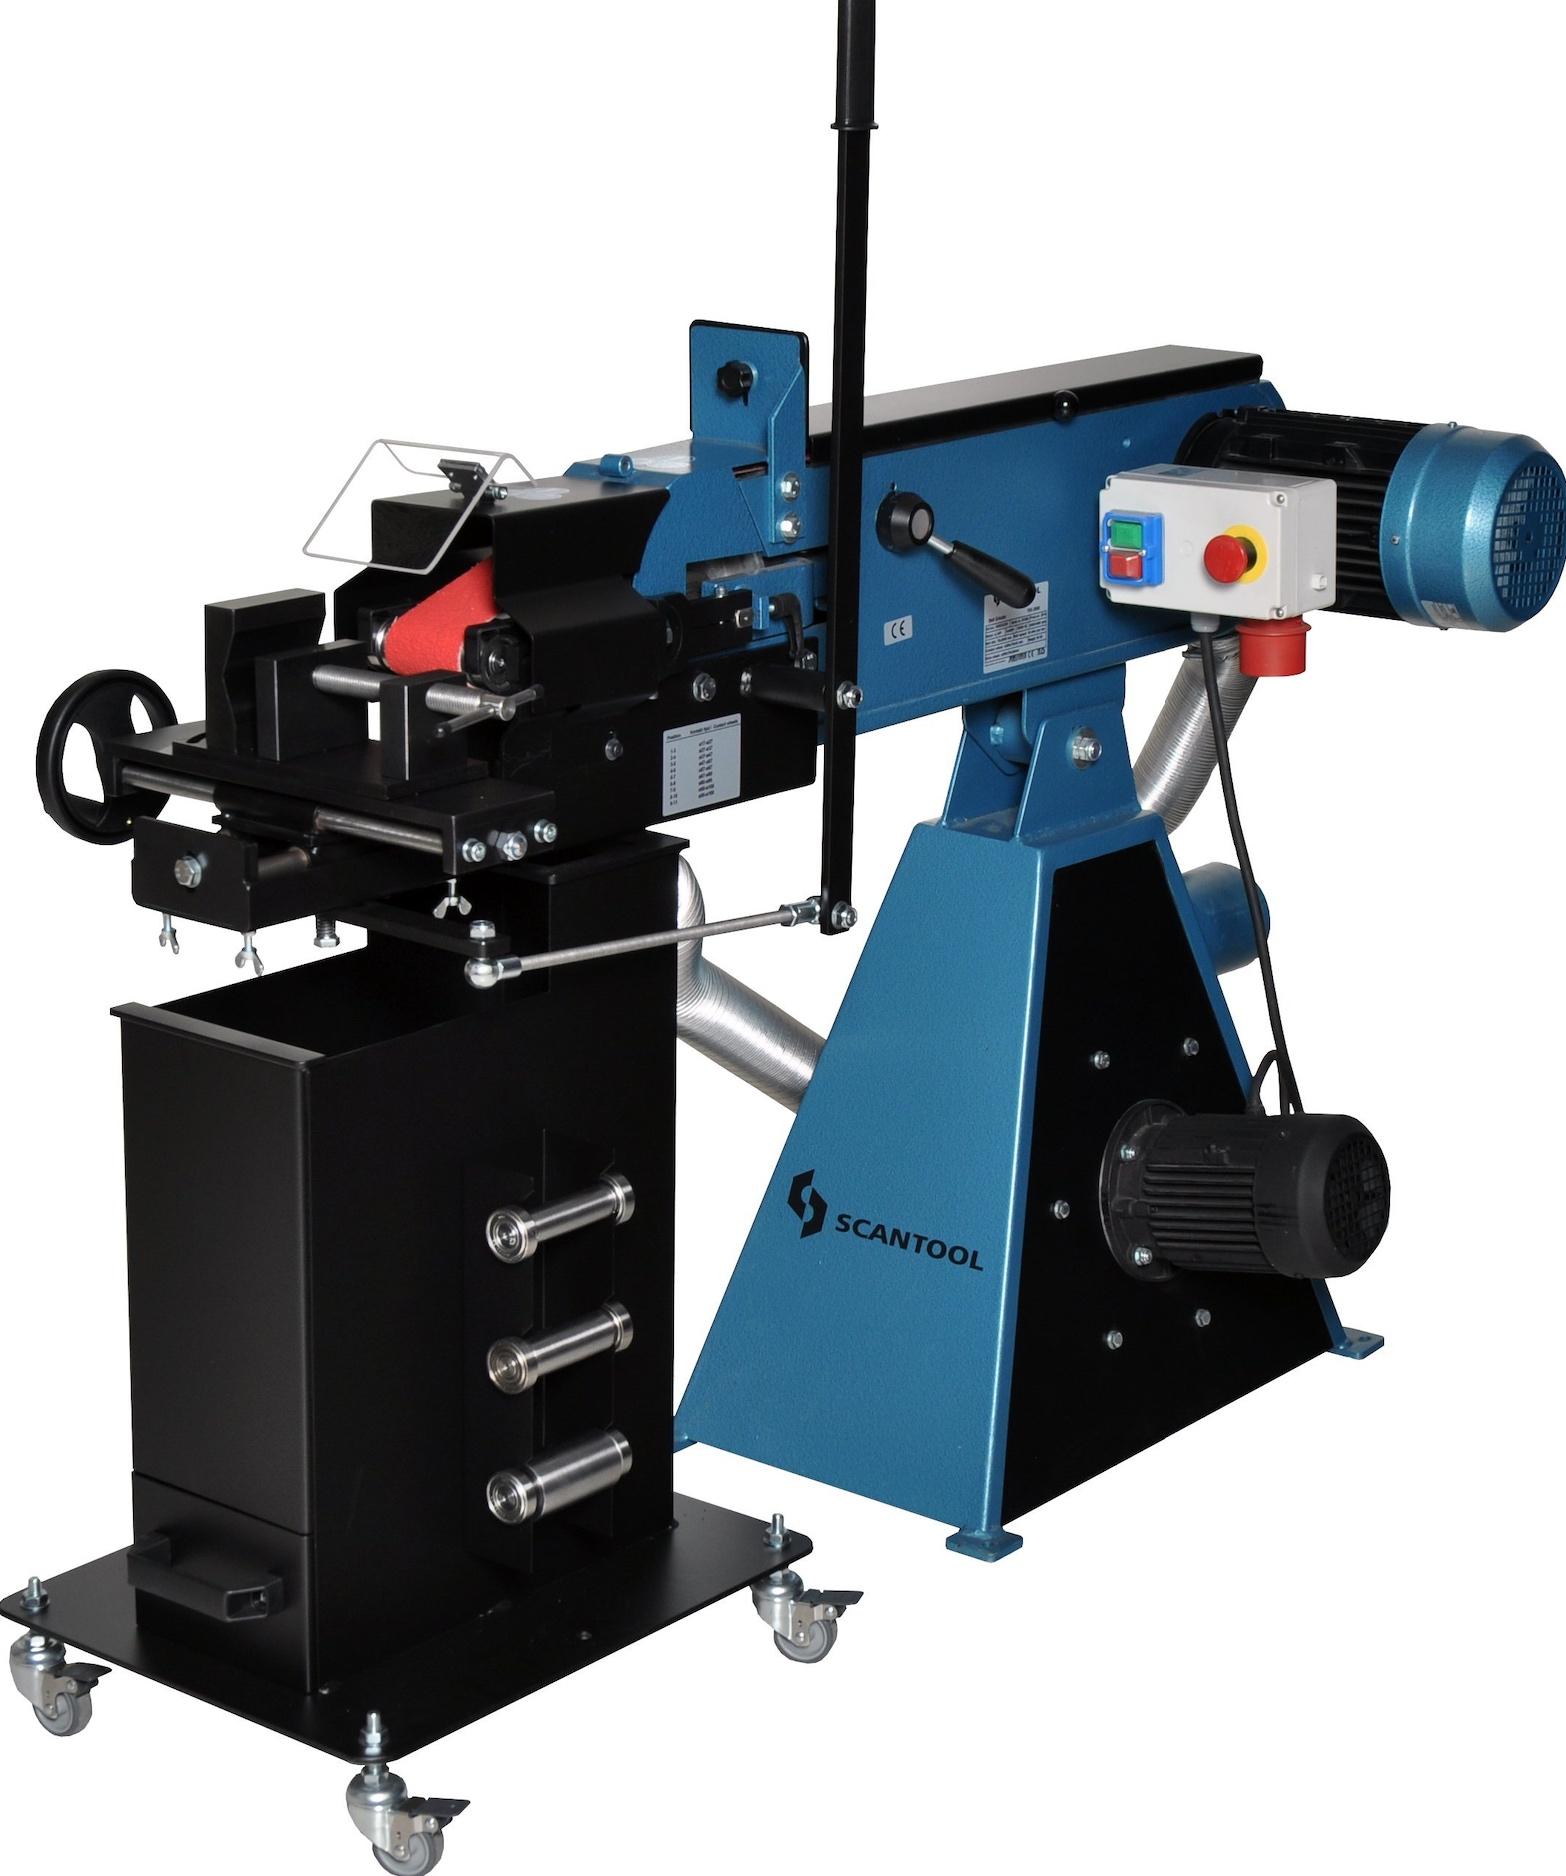 Szlifierka taśmowa Scantool RBX 75x2000mm do nacinania i obróbki rur na przenikanie z odciągiem pyłów - 3,0 kW